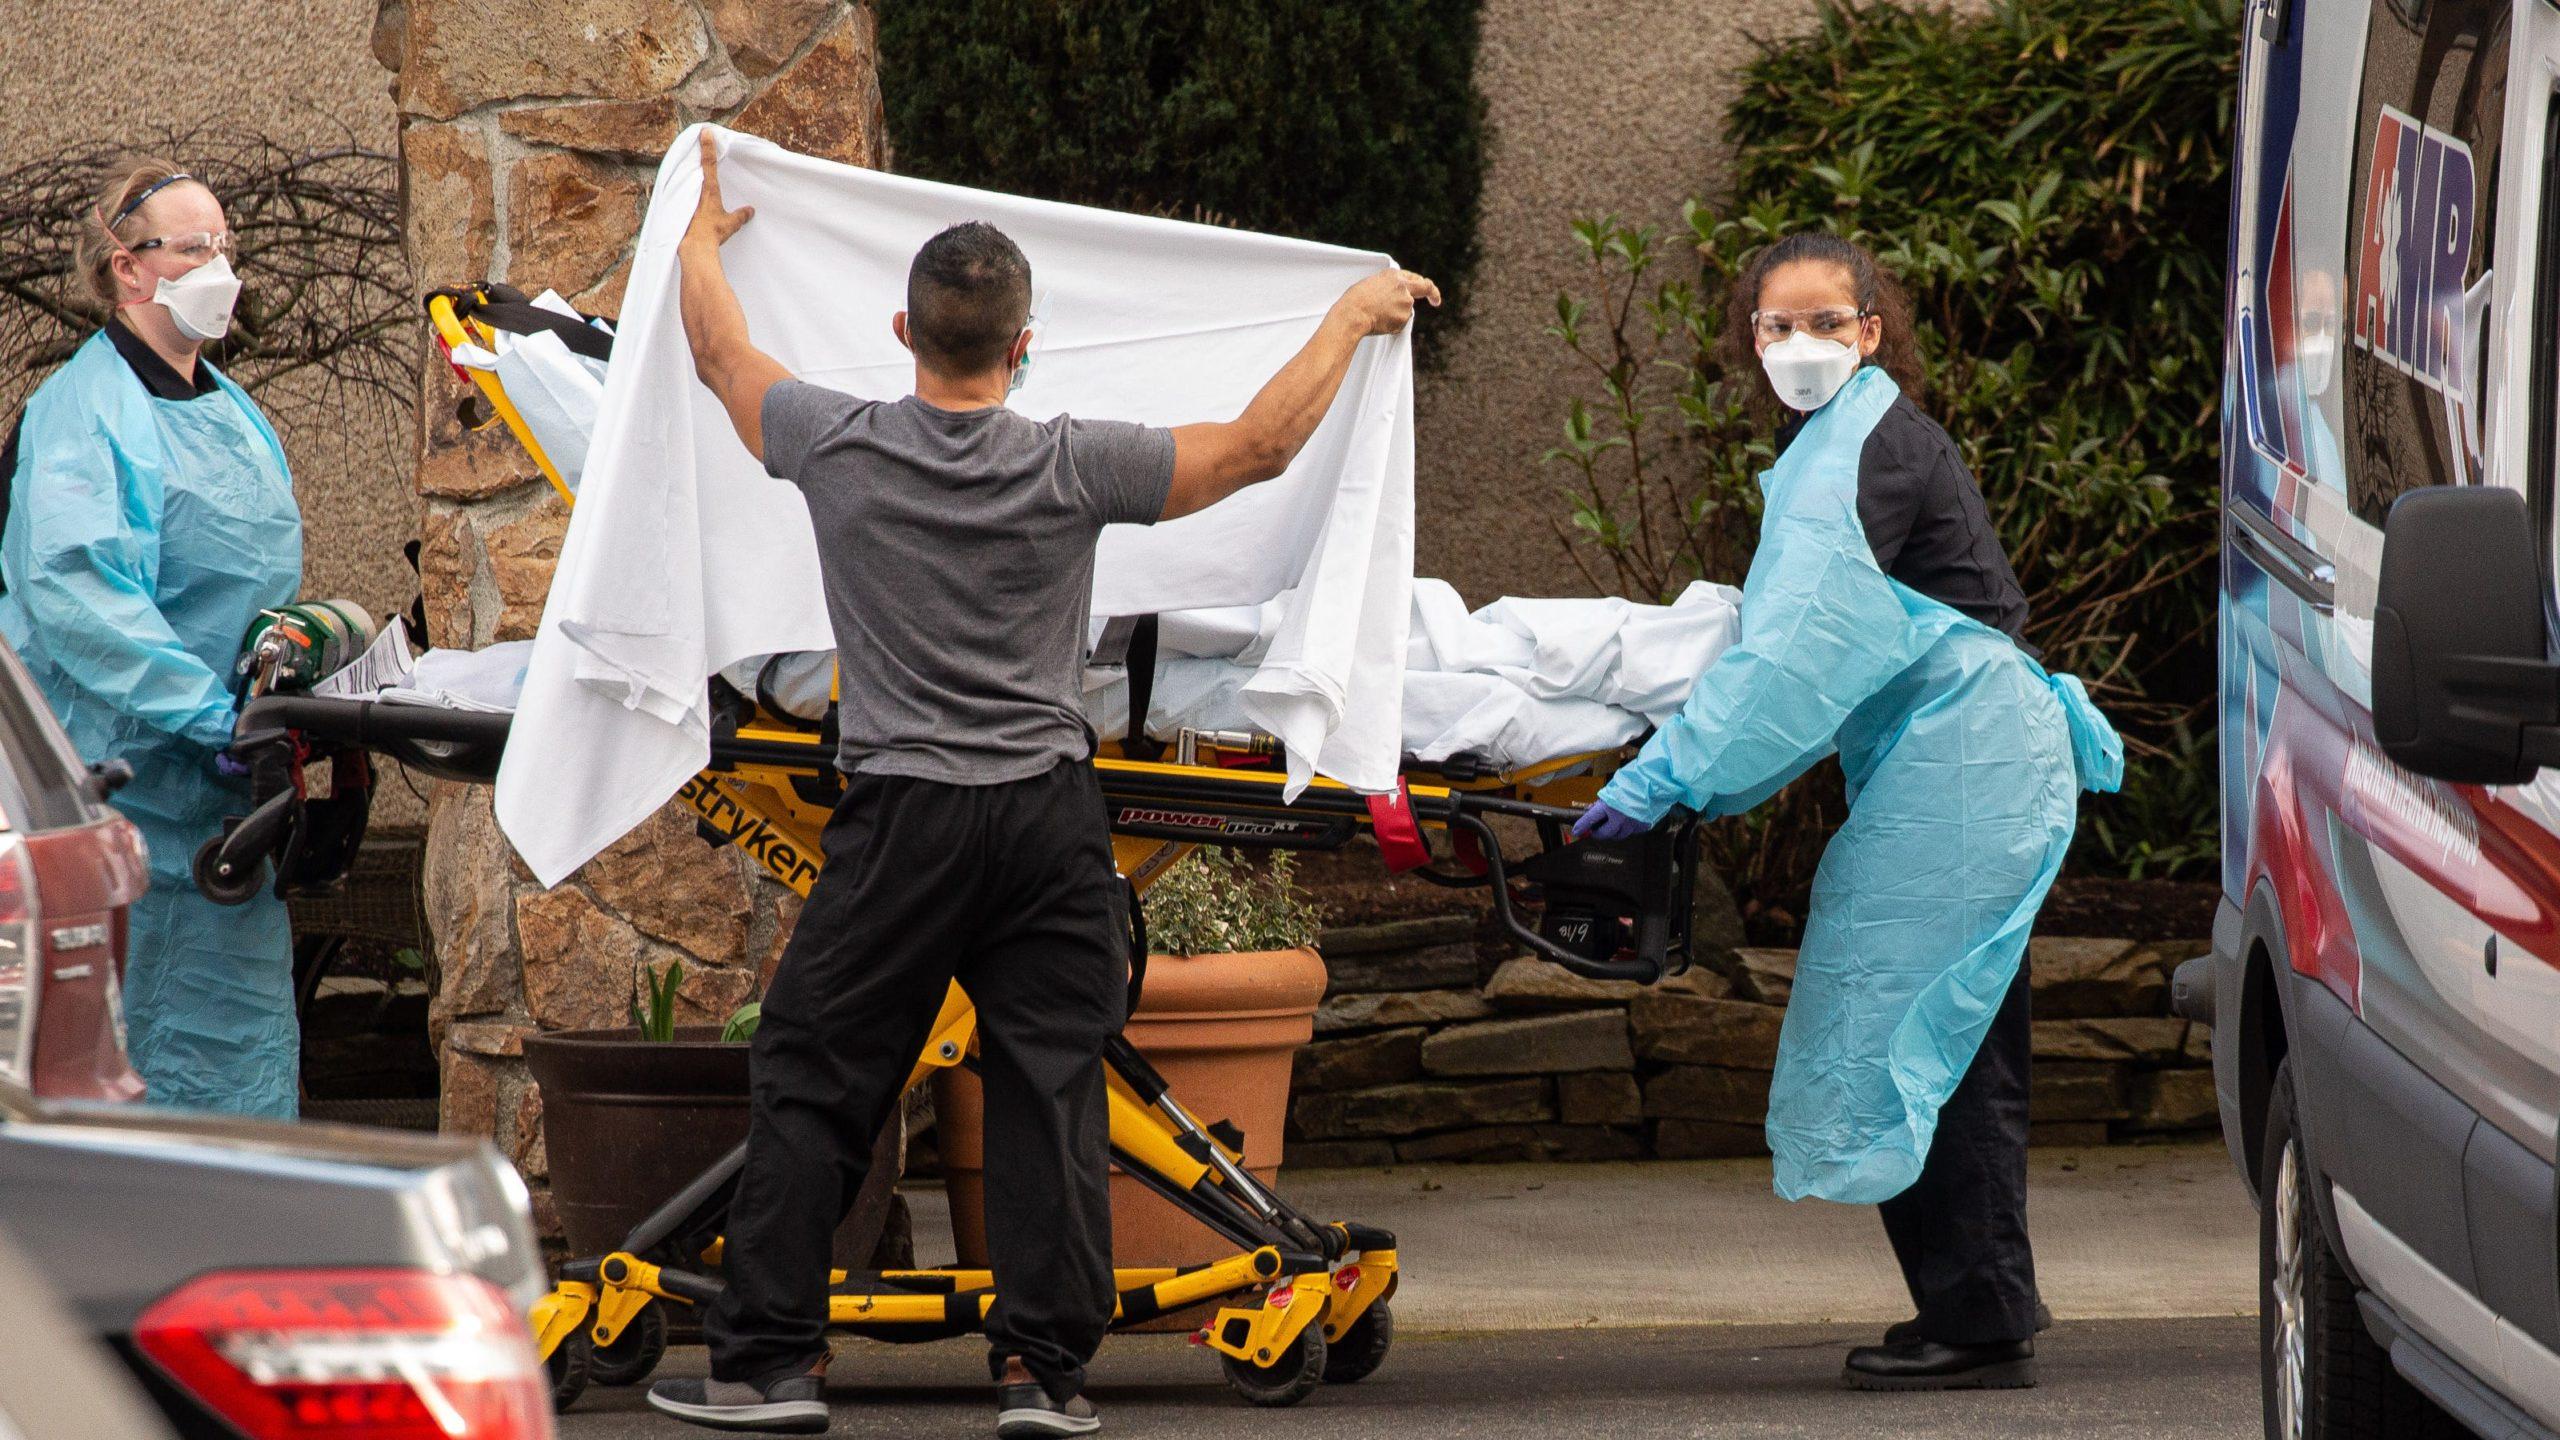 SHBA raporton 2,157 raste fatale nga Covid-19, një person vdes çdo 40 sekonda